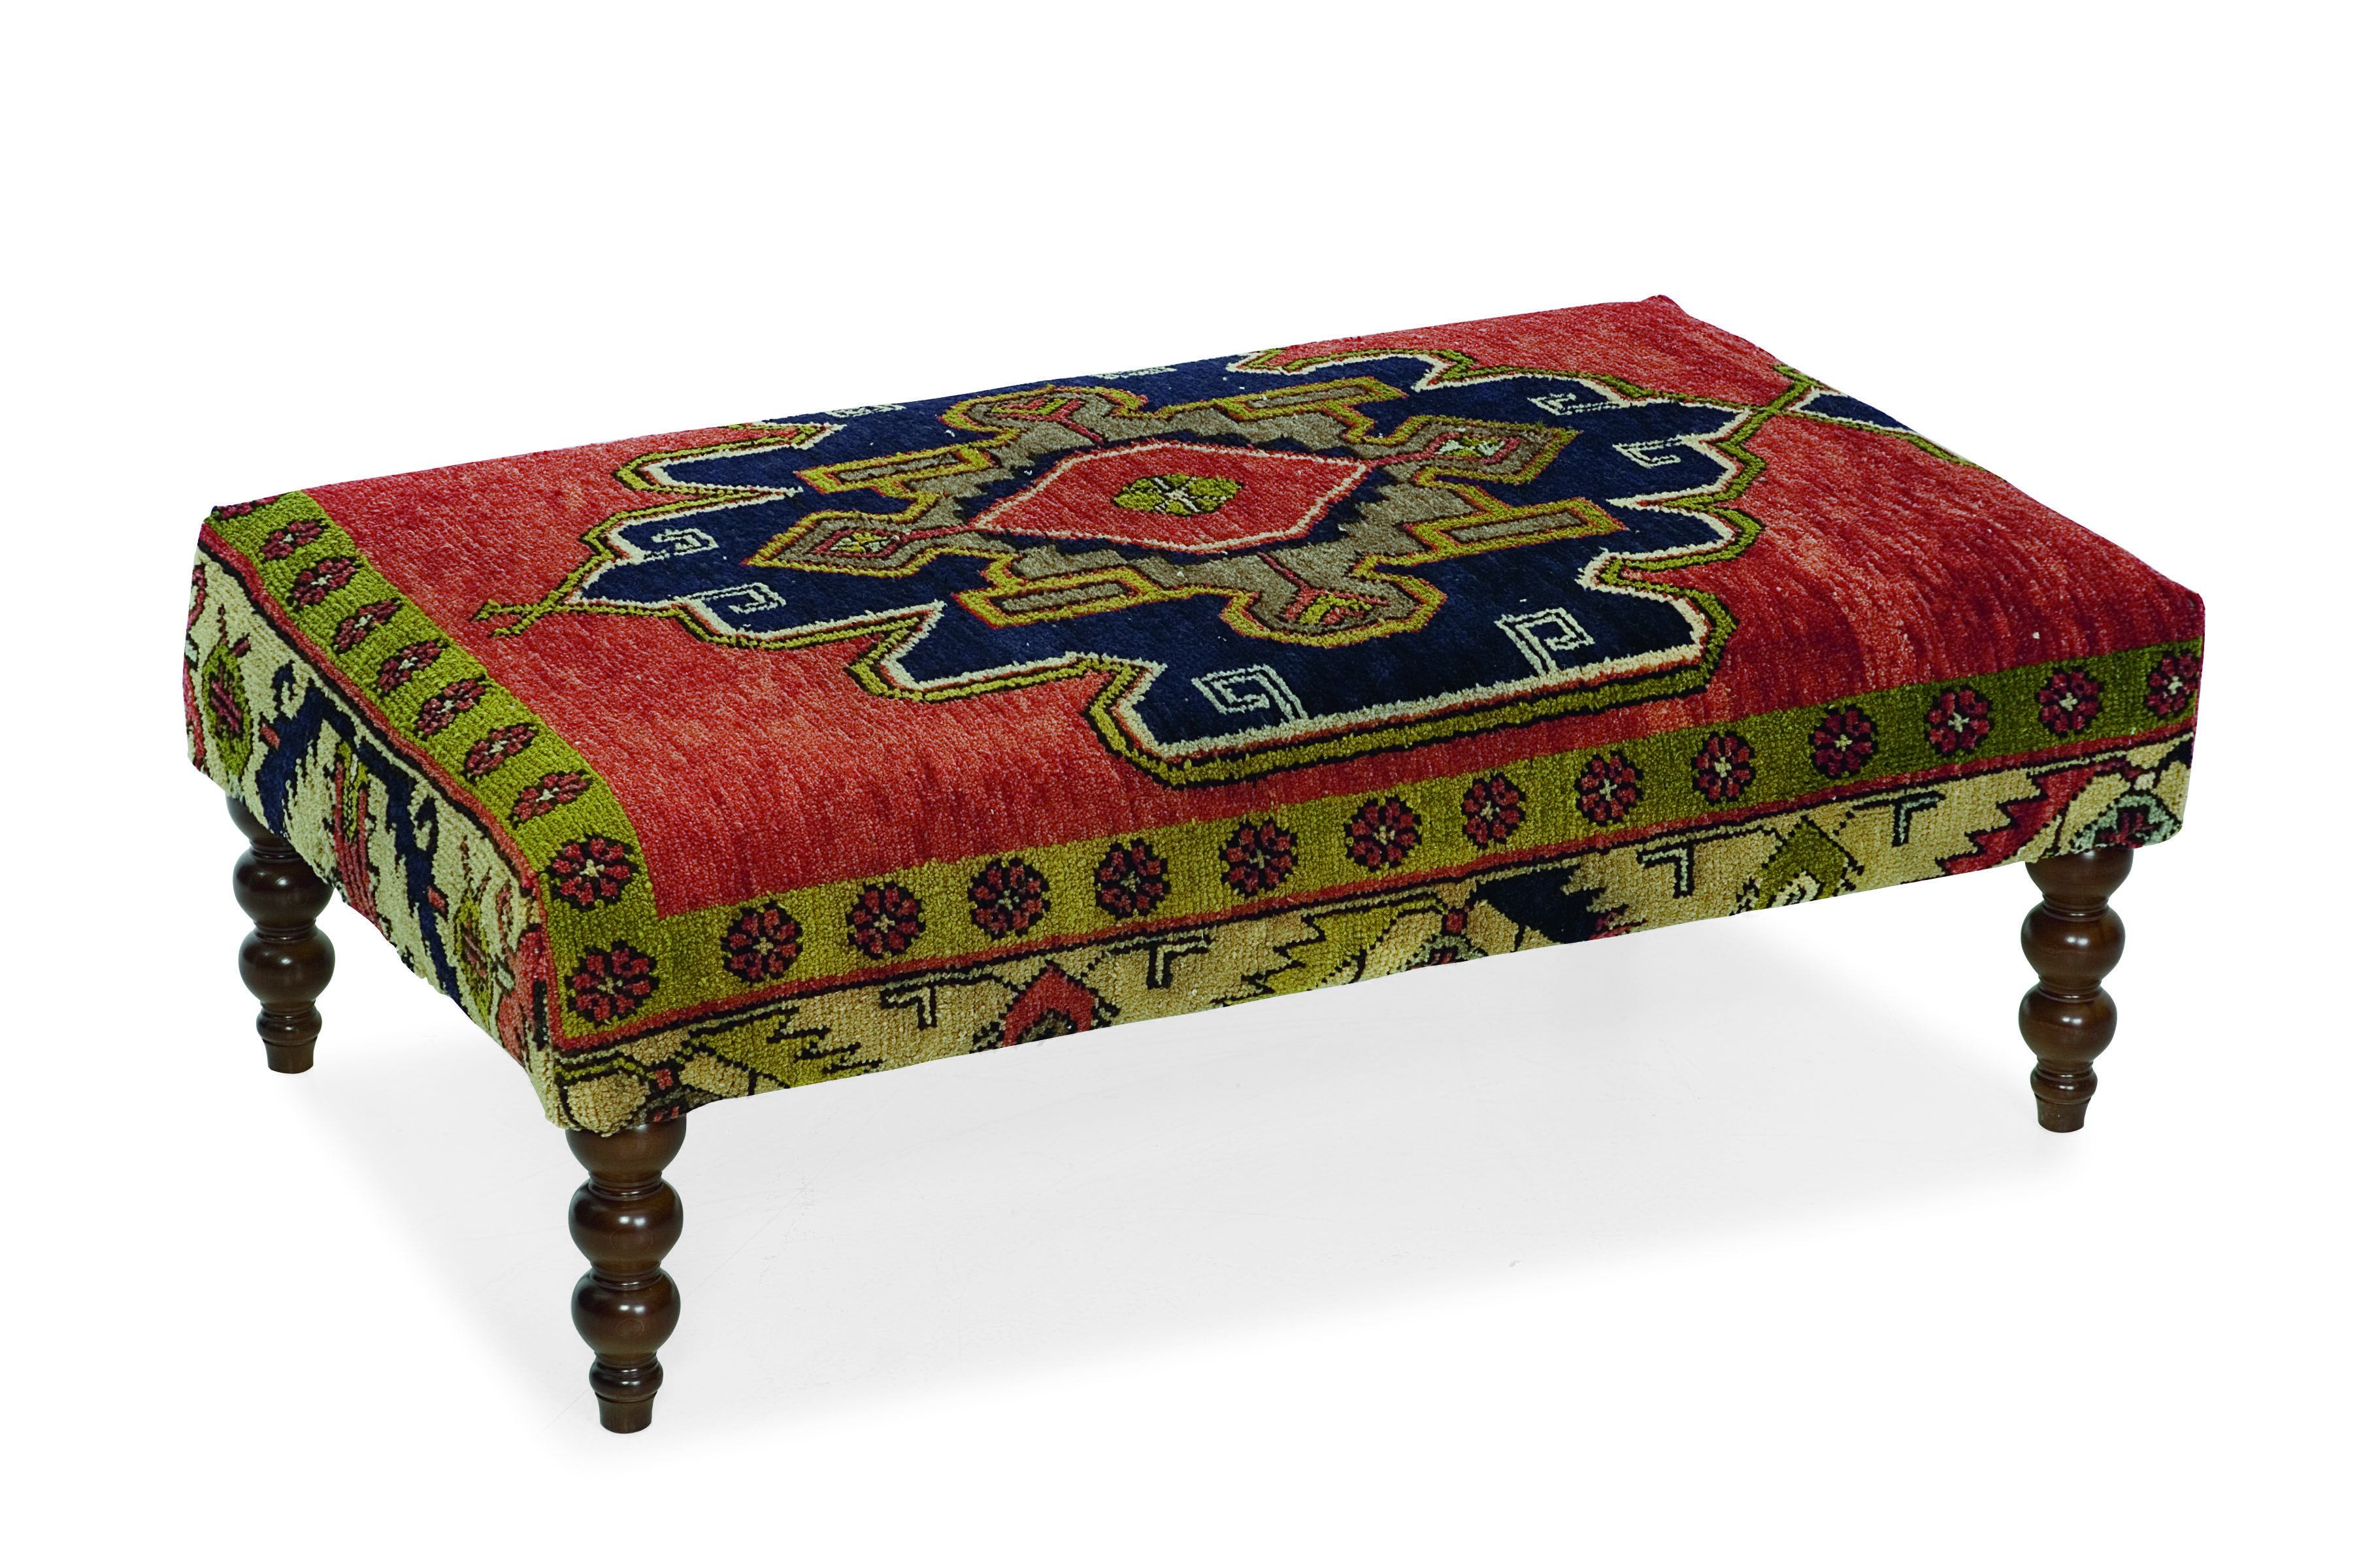 Ottoman Kilim Bench